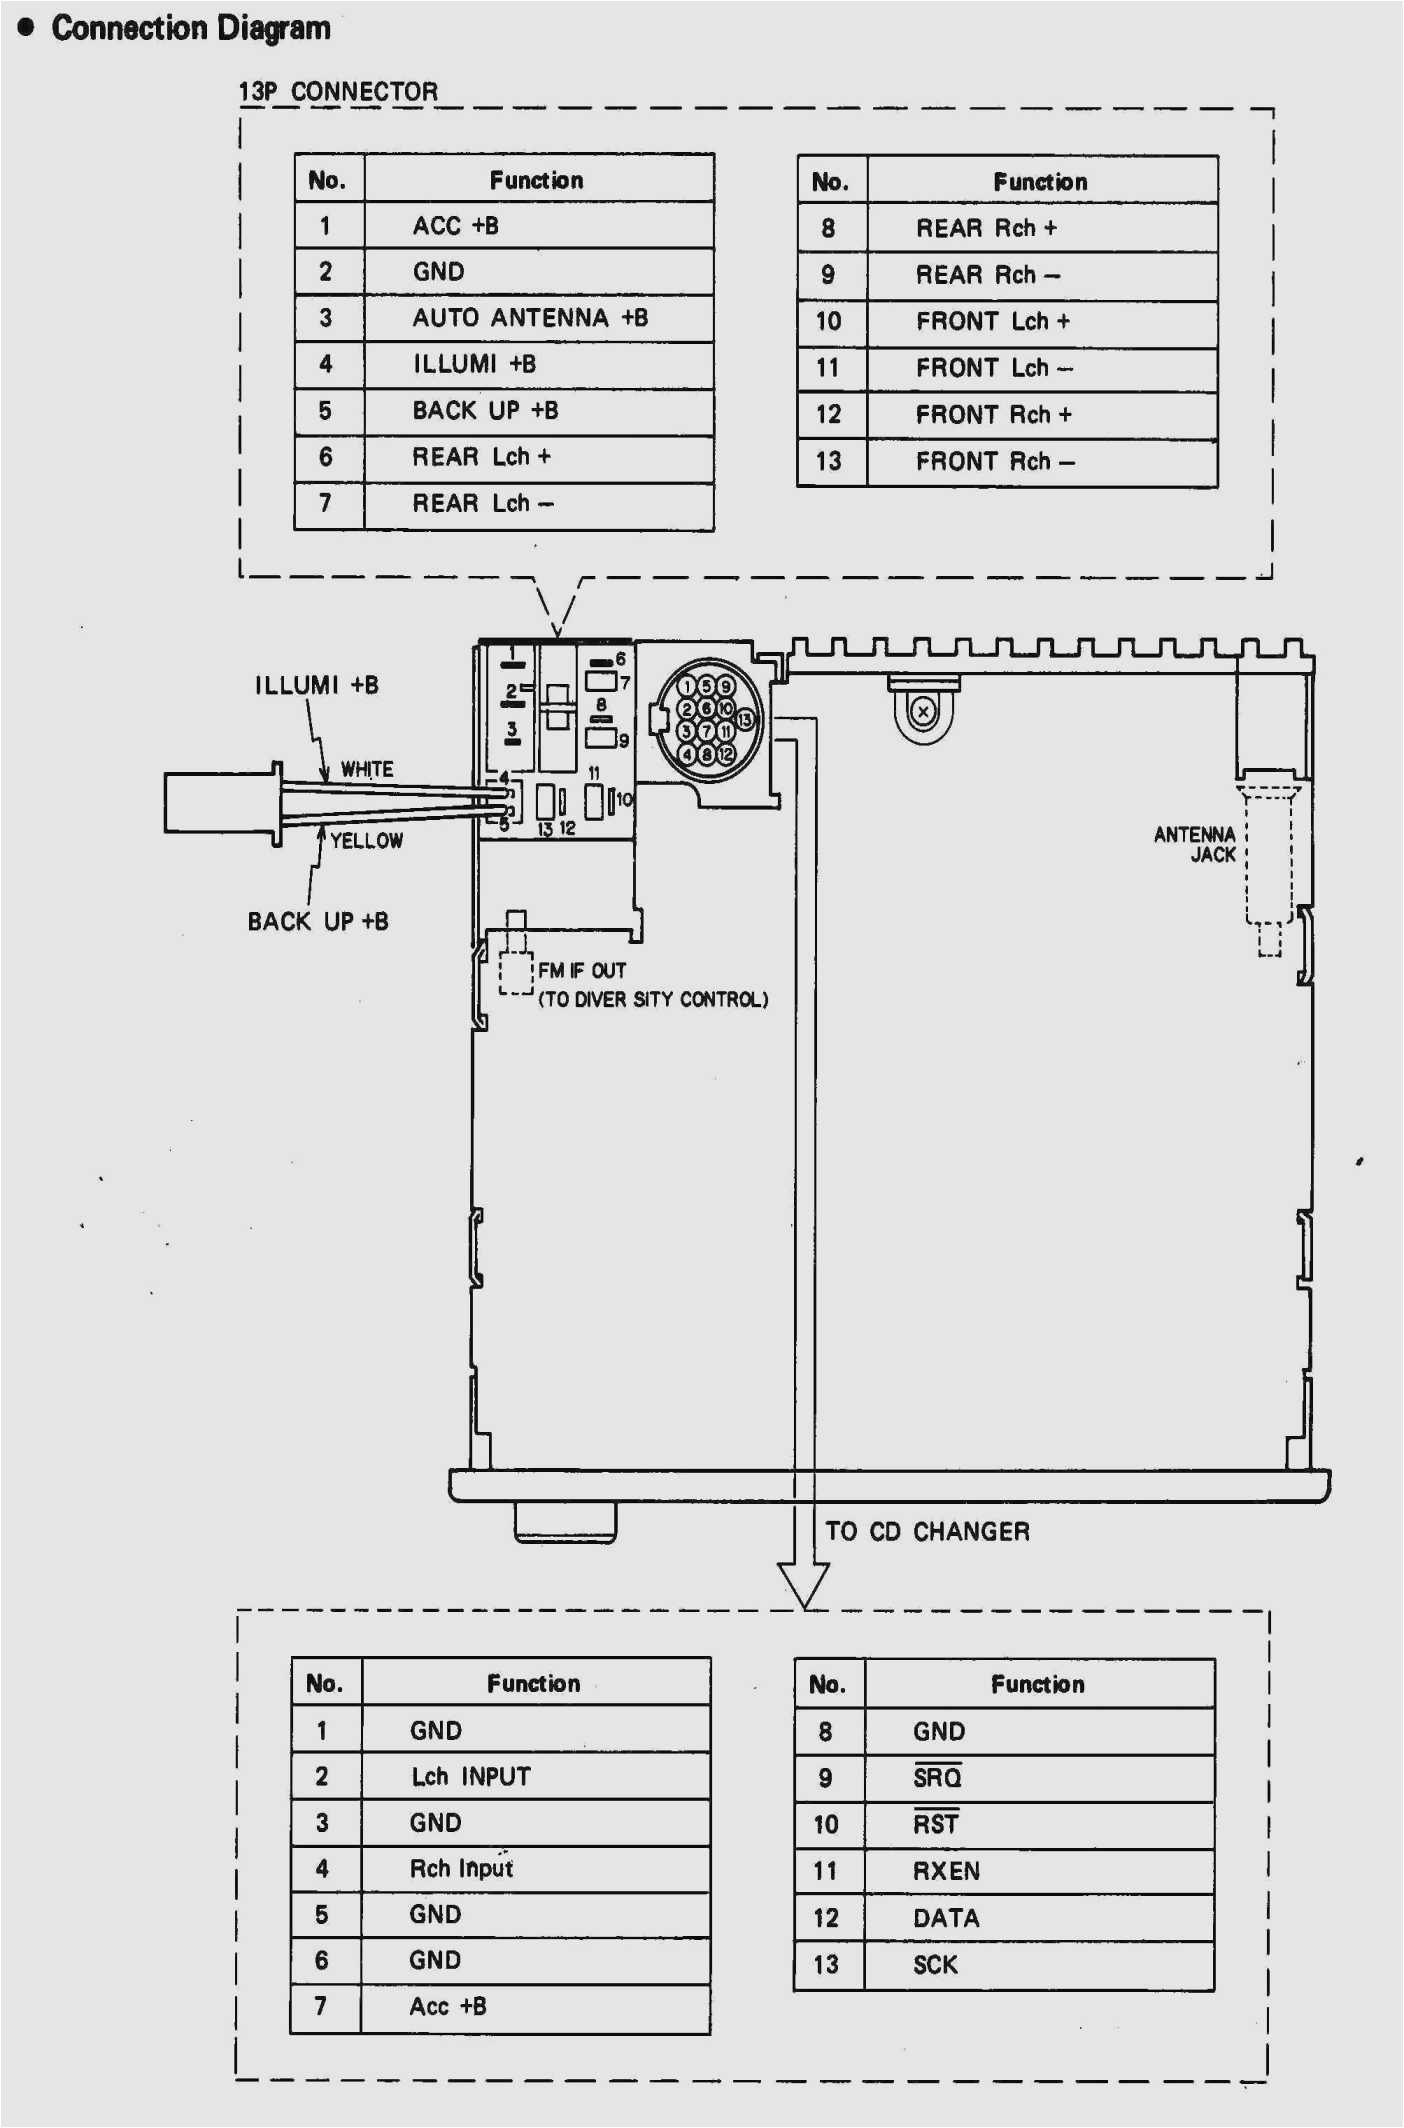 wiring diagram for pioneer avh p1400dvd michellelarks comwiring diagram for pioneer avh p1400dvd pioneer avh 270bt